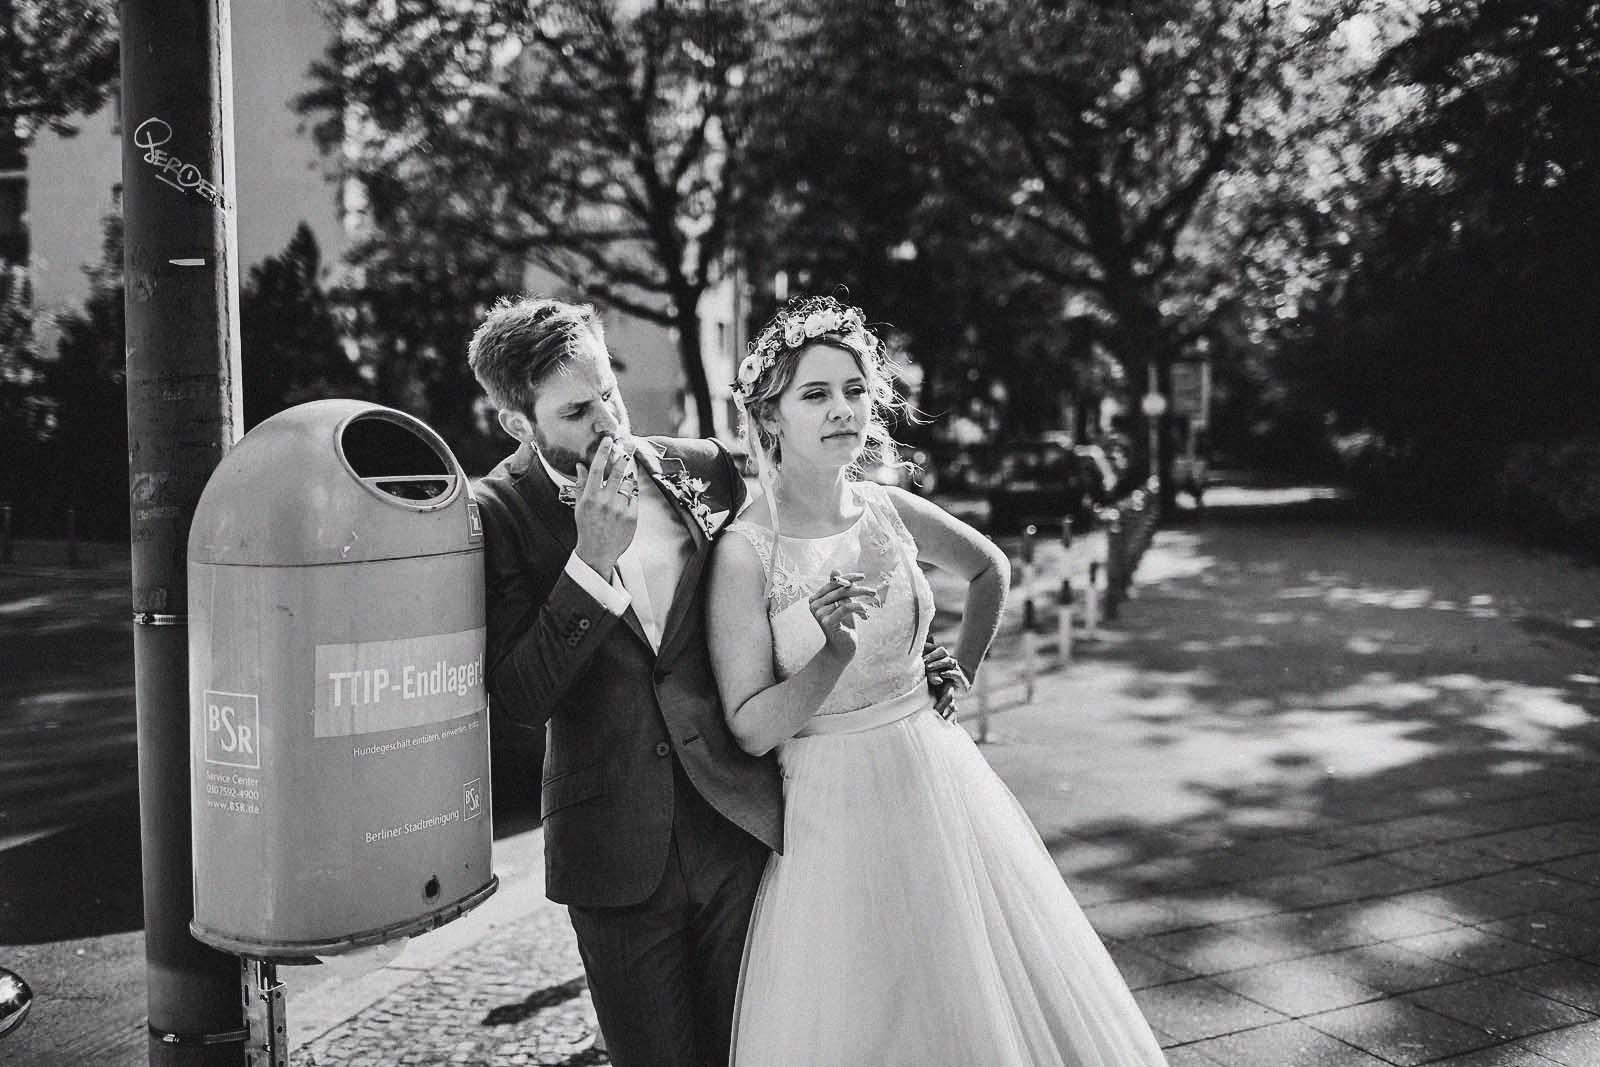 Hochzeitsfotograf Berlin fotografiert ein Brautpaar beim rauchen Copyright by Hochzeitsfotograf www.berliner-hochzeitsfotografie.de